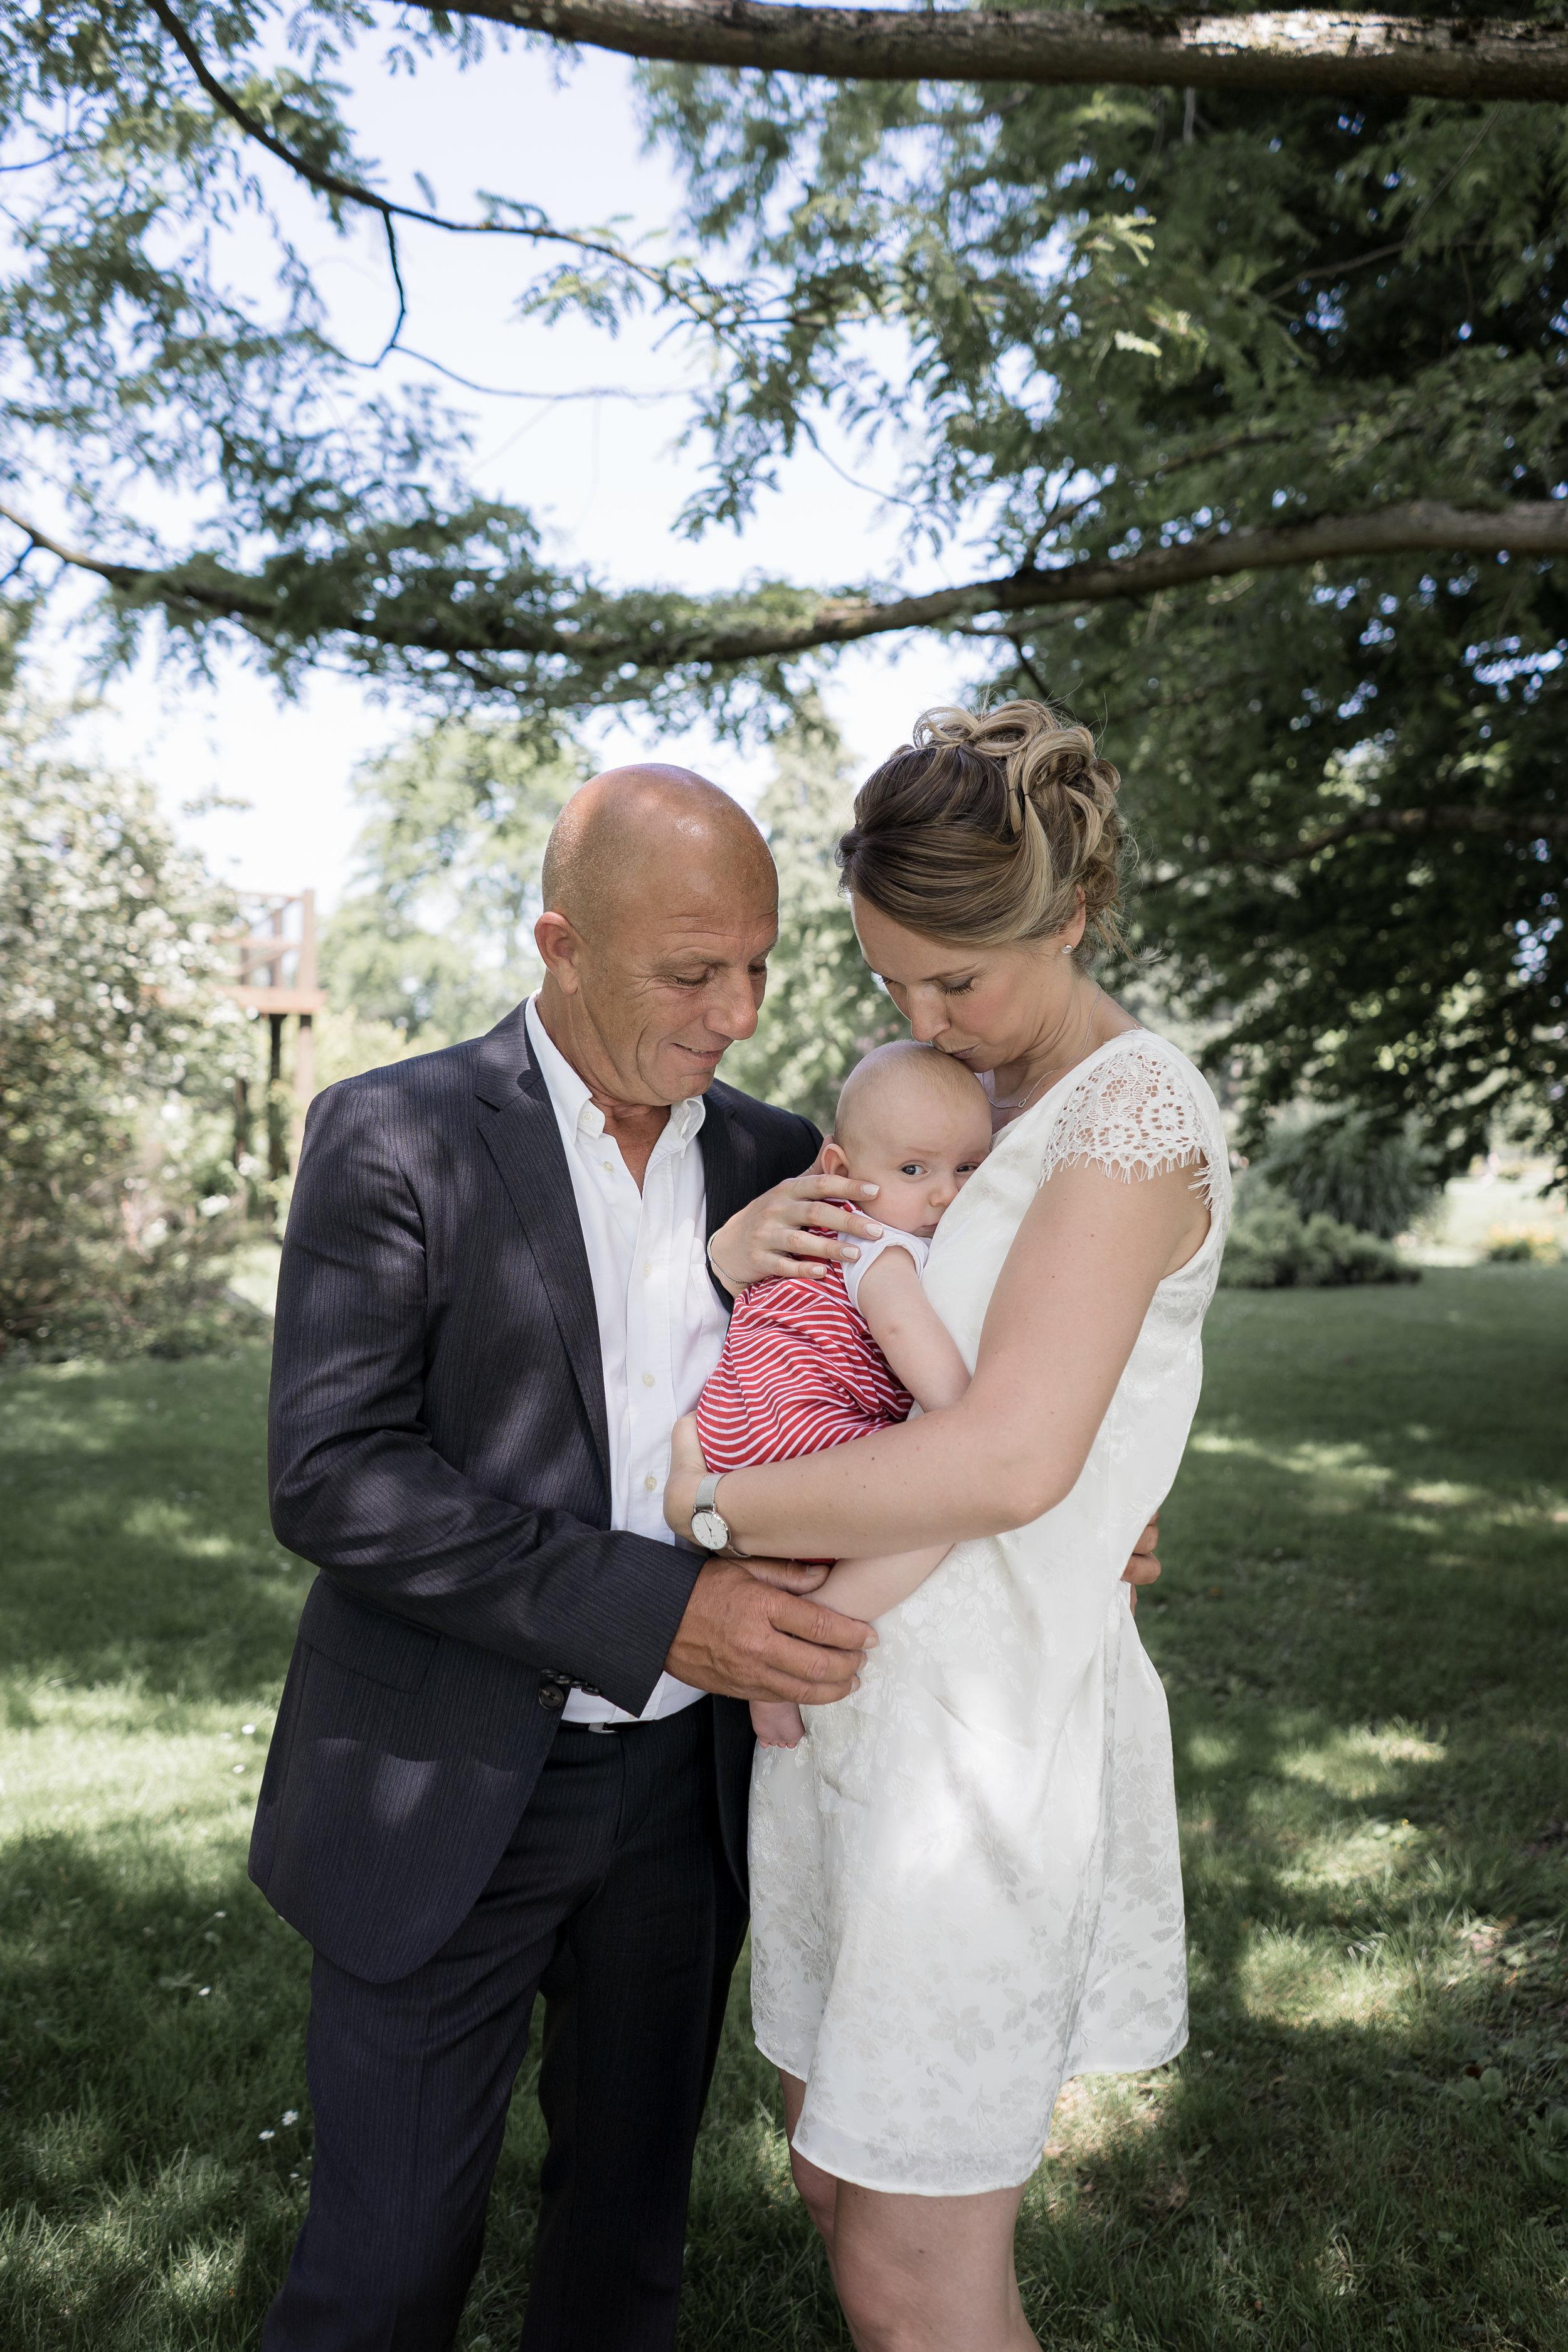 C&C - «Un grand merci à Samantha pour cette magnifique séance photo dans le parc de Morges. Une photographe qui nous a guidé avec patience et humour. Très beaux souvenirs!»